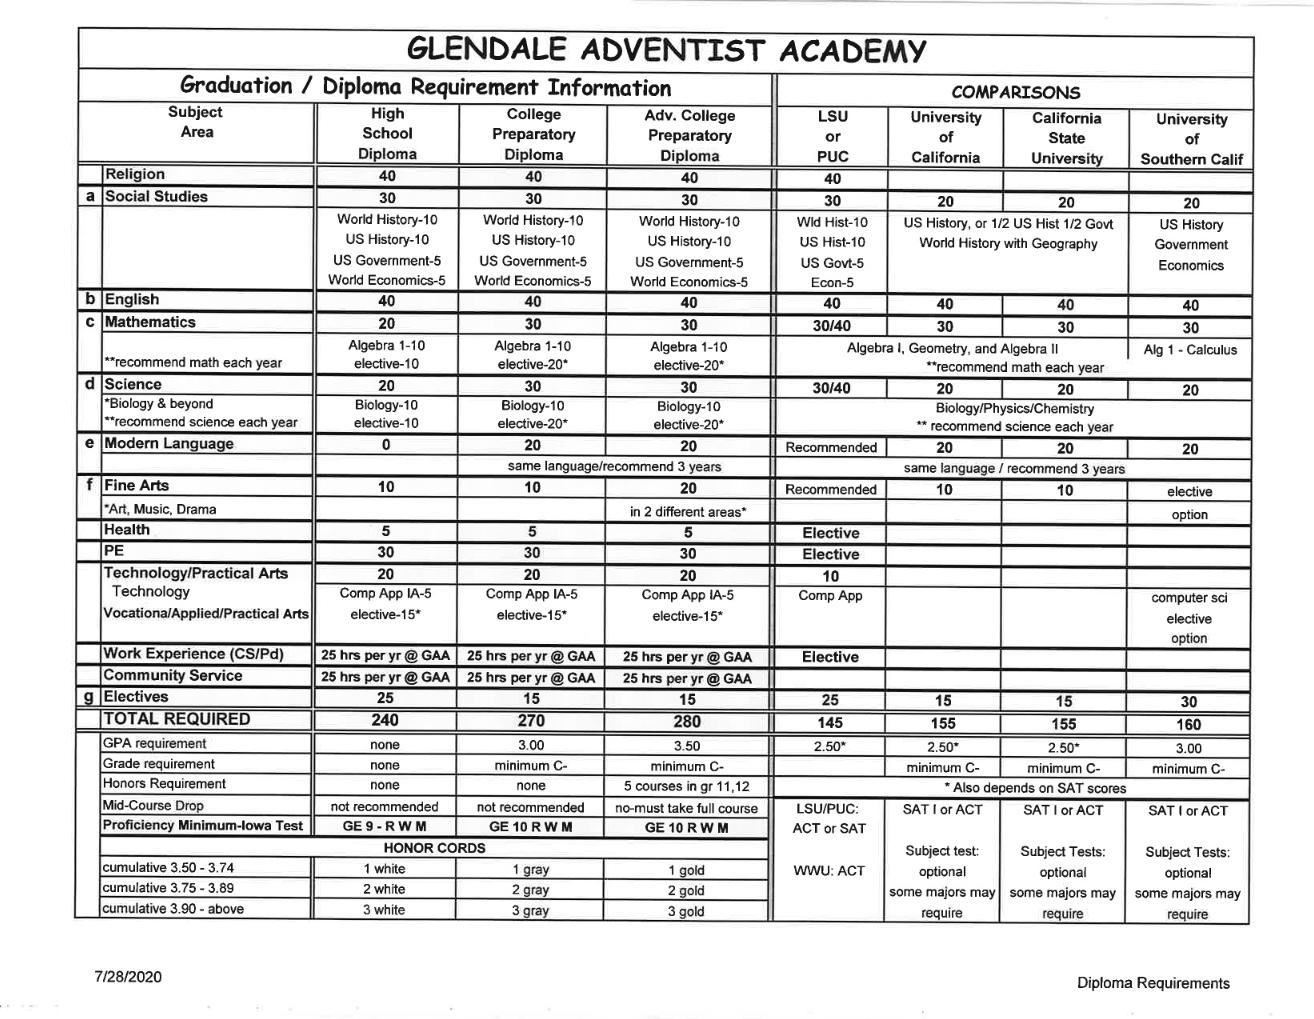 Diploma Requirements Photo